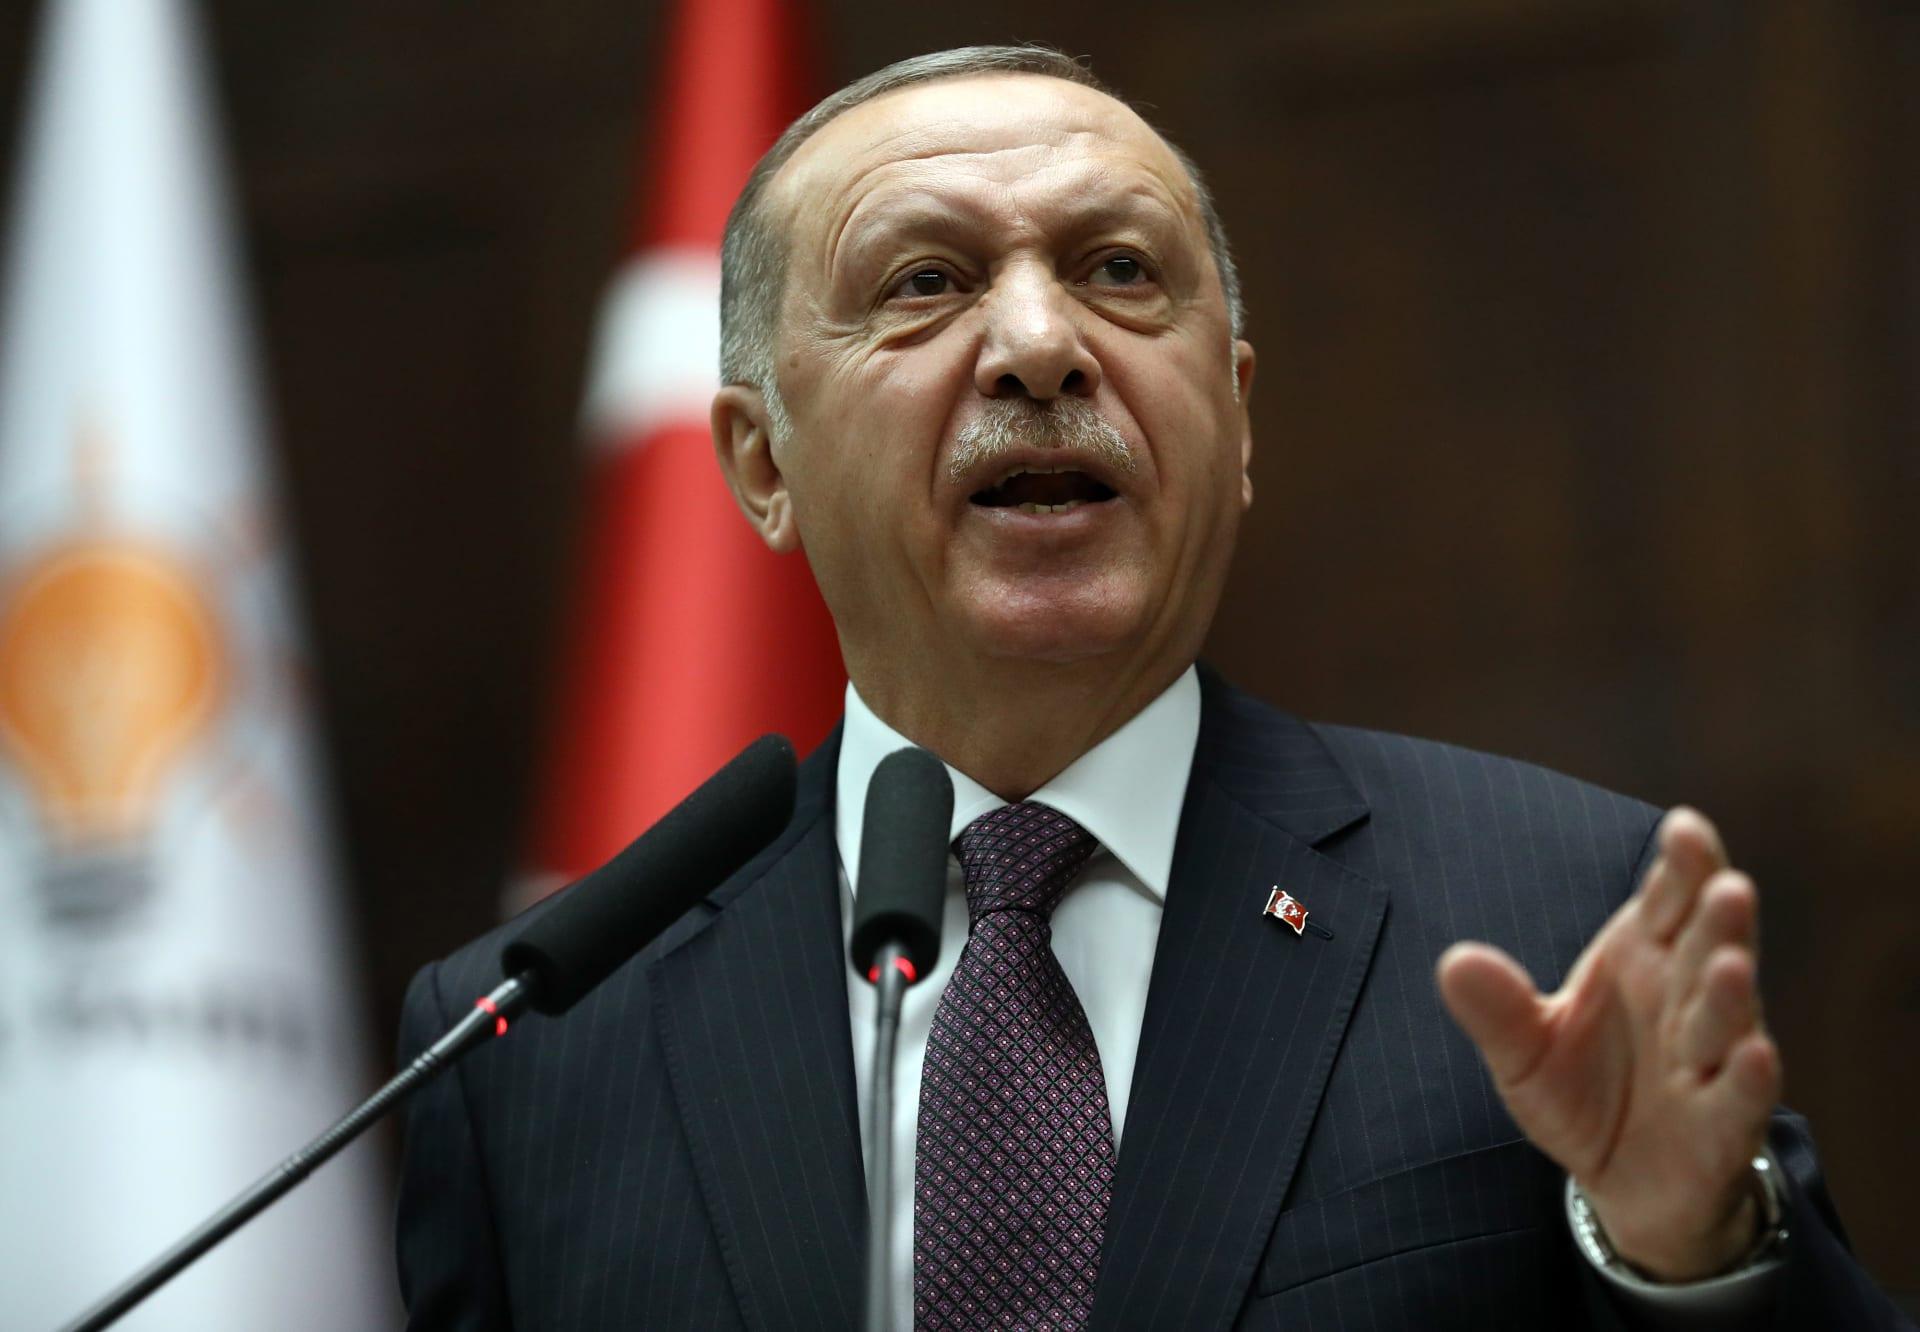 """بسبب """"ادعاءات طهران عن أردوغان"""".. تركيا تستدعي السفير الإيراني على خلفية """"القصيدة الانفصالية"""""""